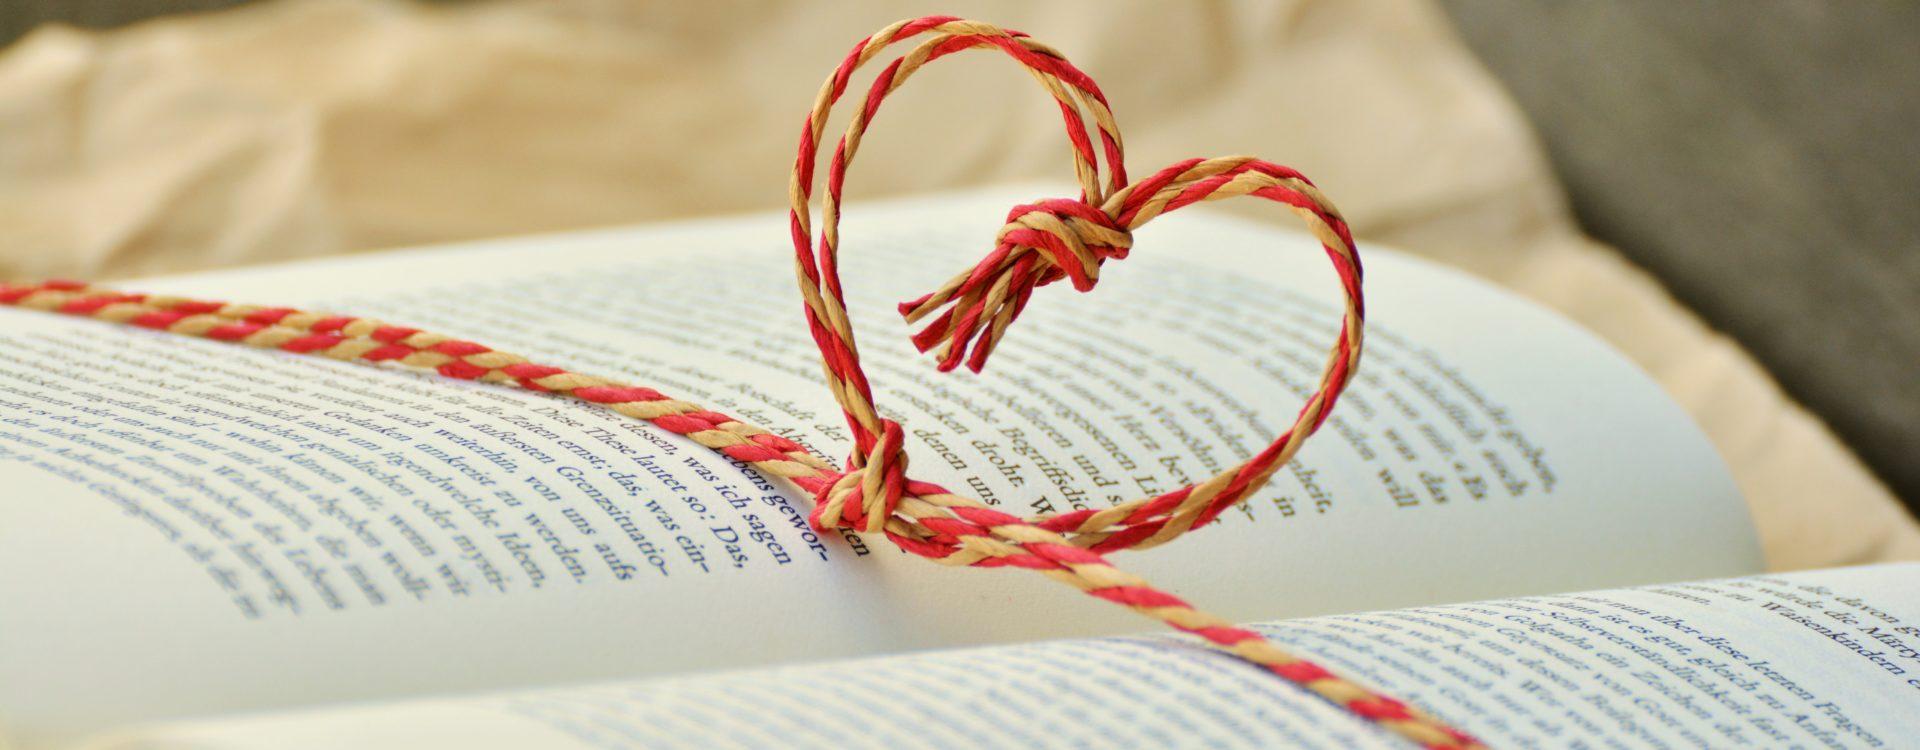 knjiga-srce